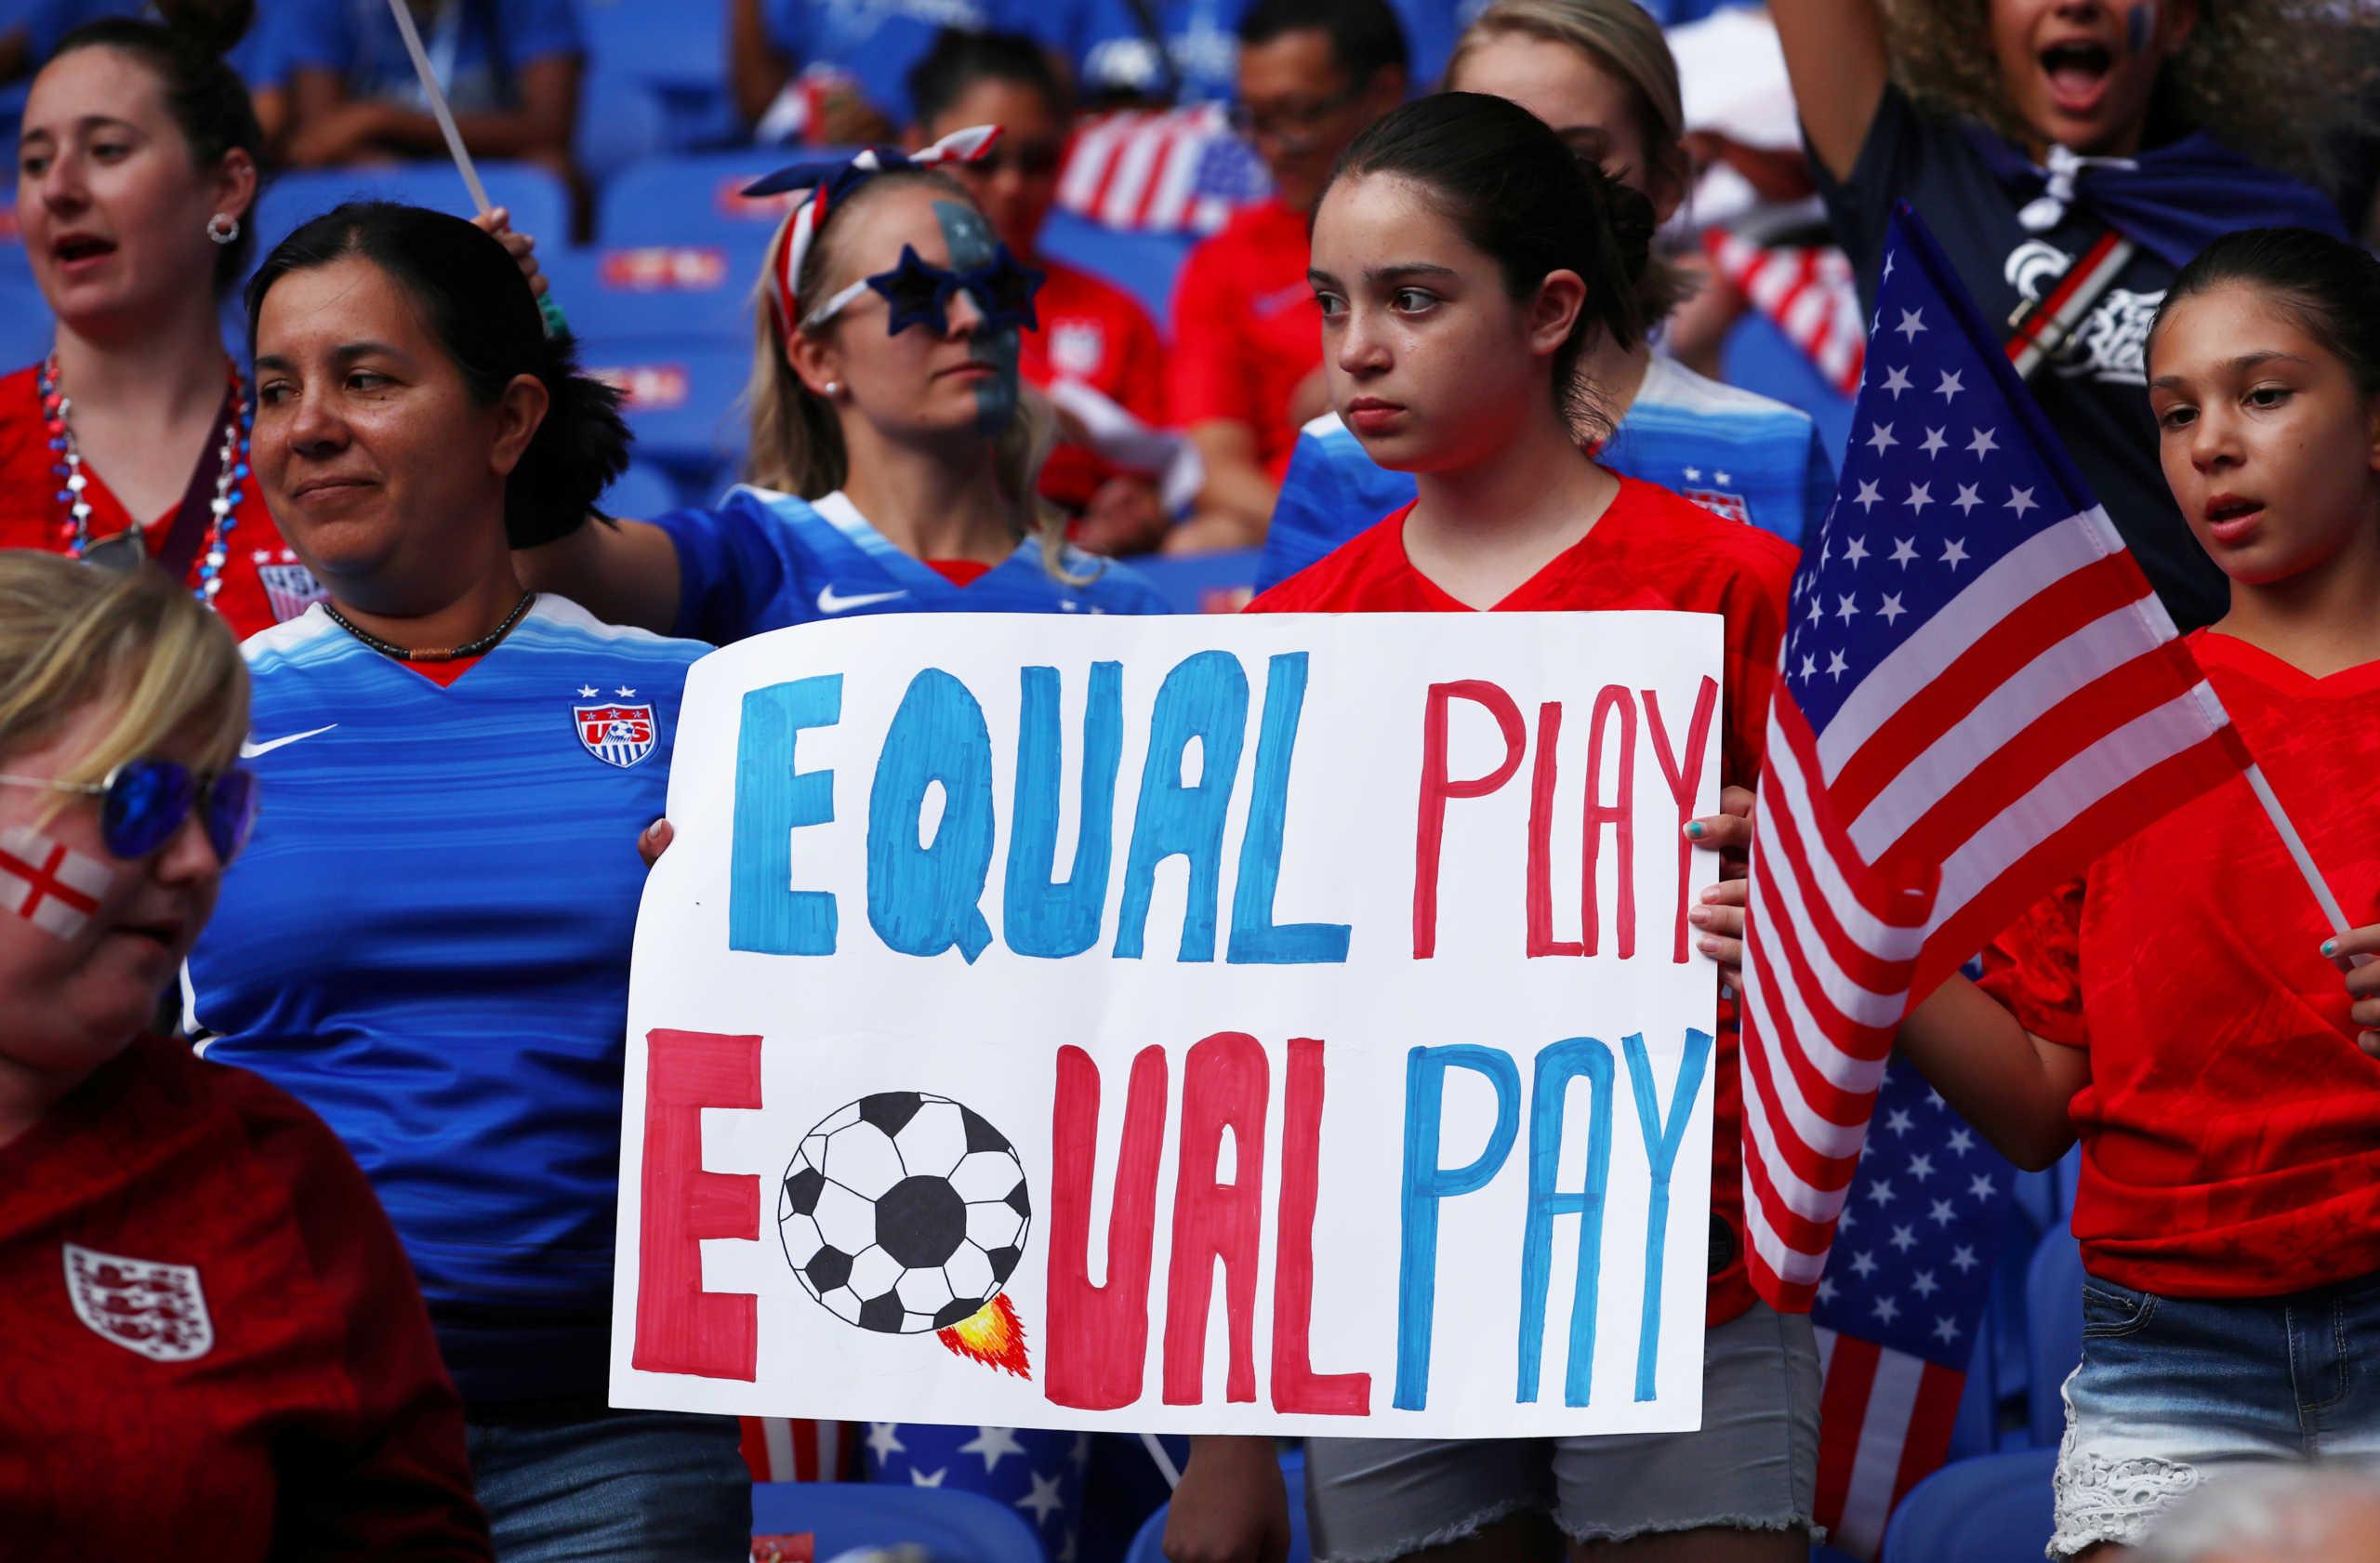 Έντονες αντιδράσεις για την αρνητική απόφαση δικαστηρίου στην ίση αμοιβή των ποδοσφαιριστών